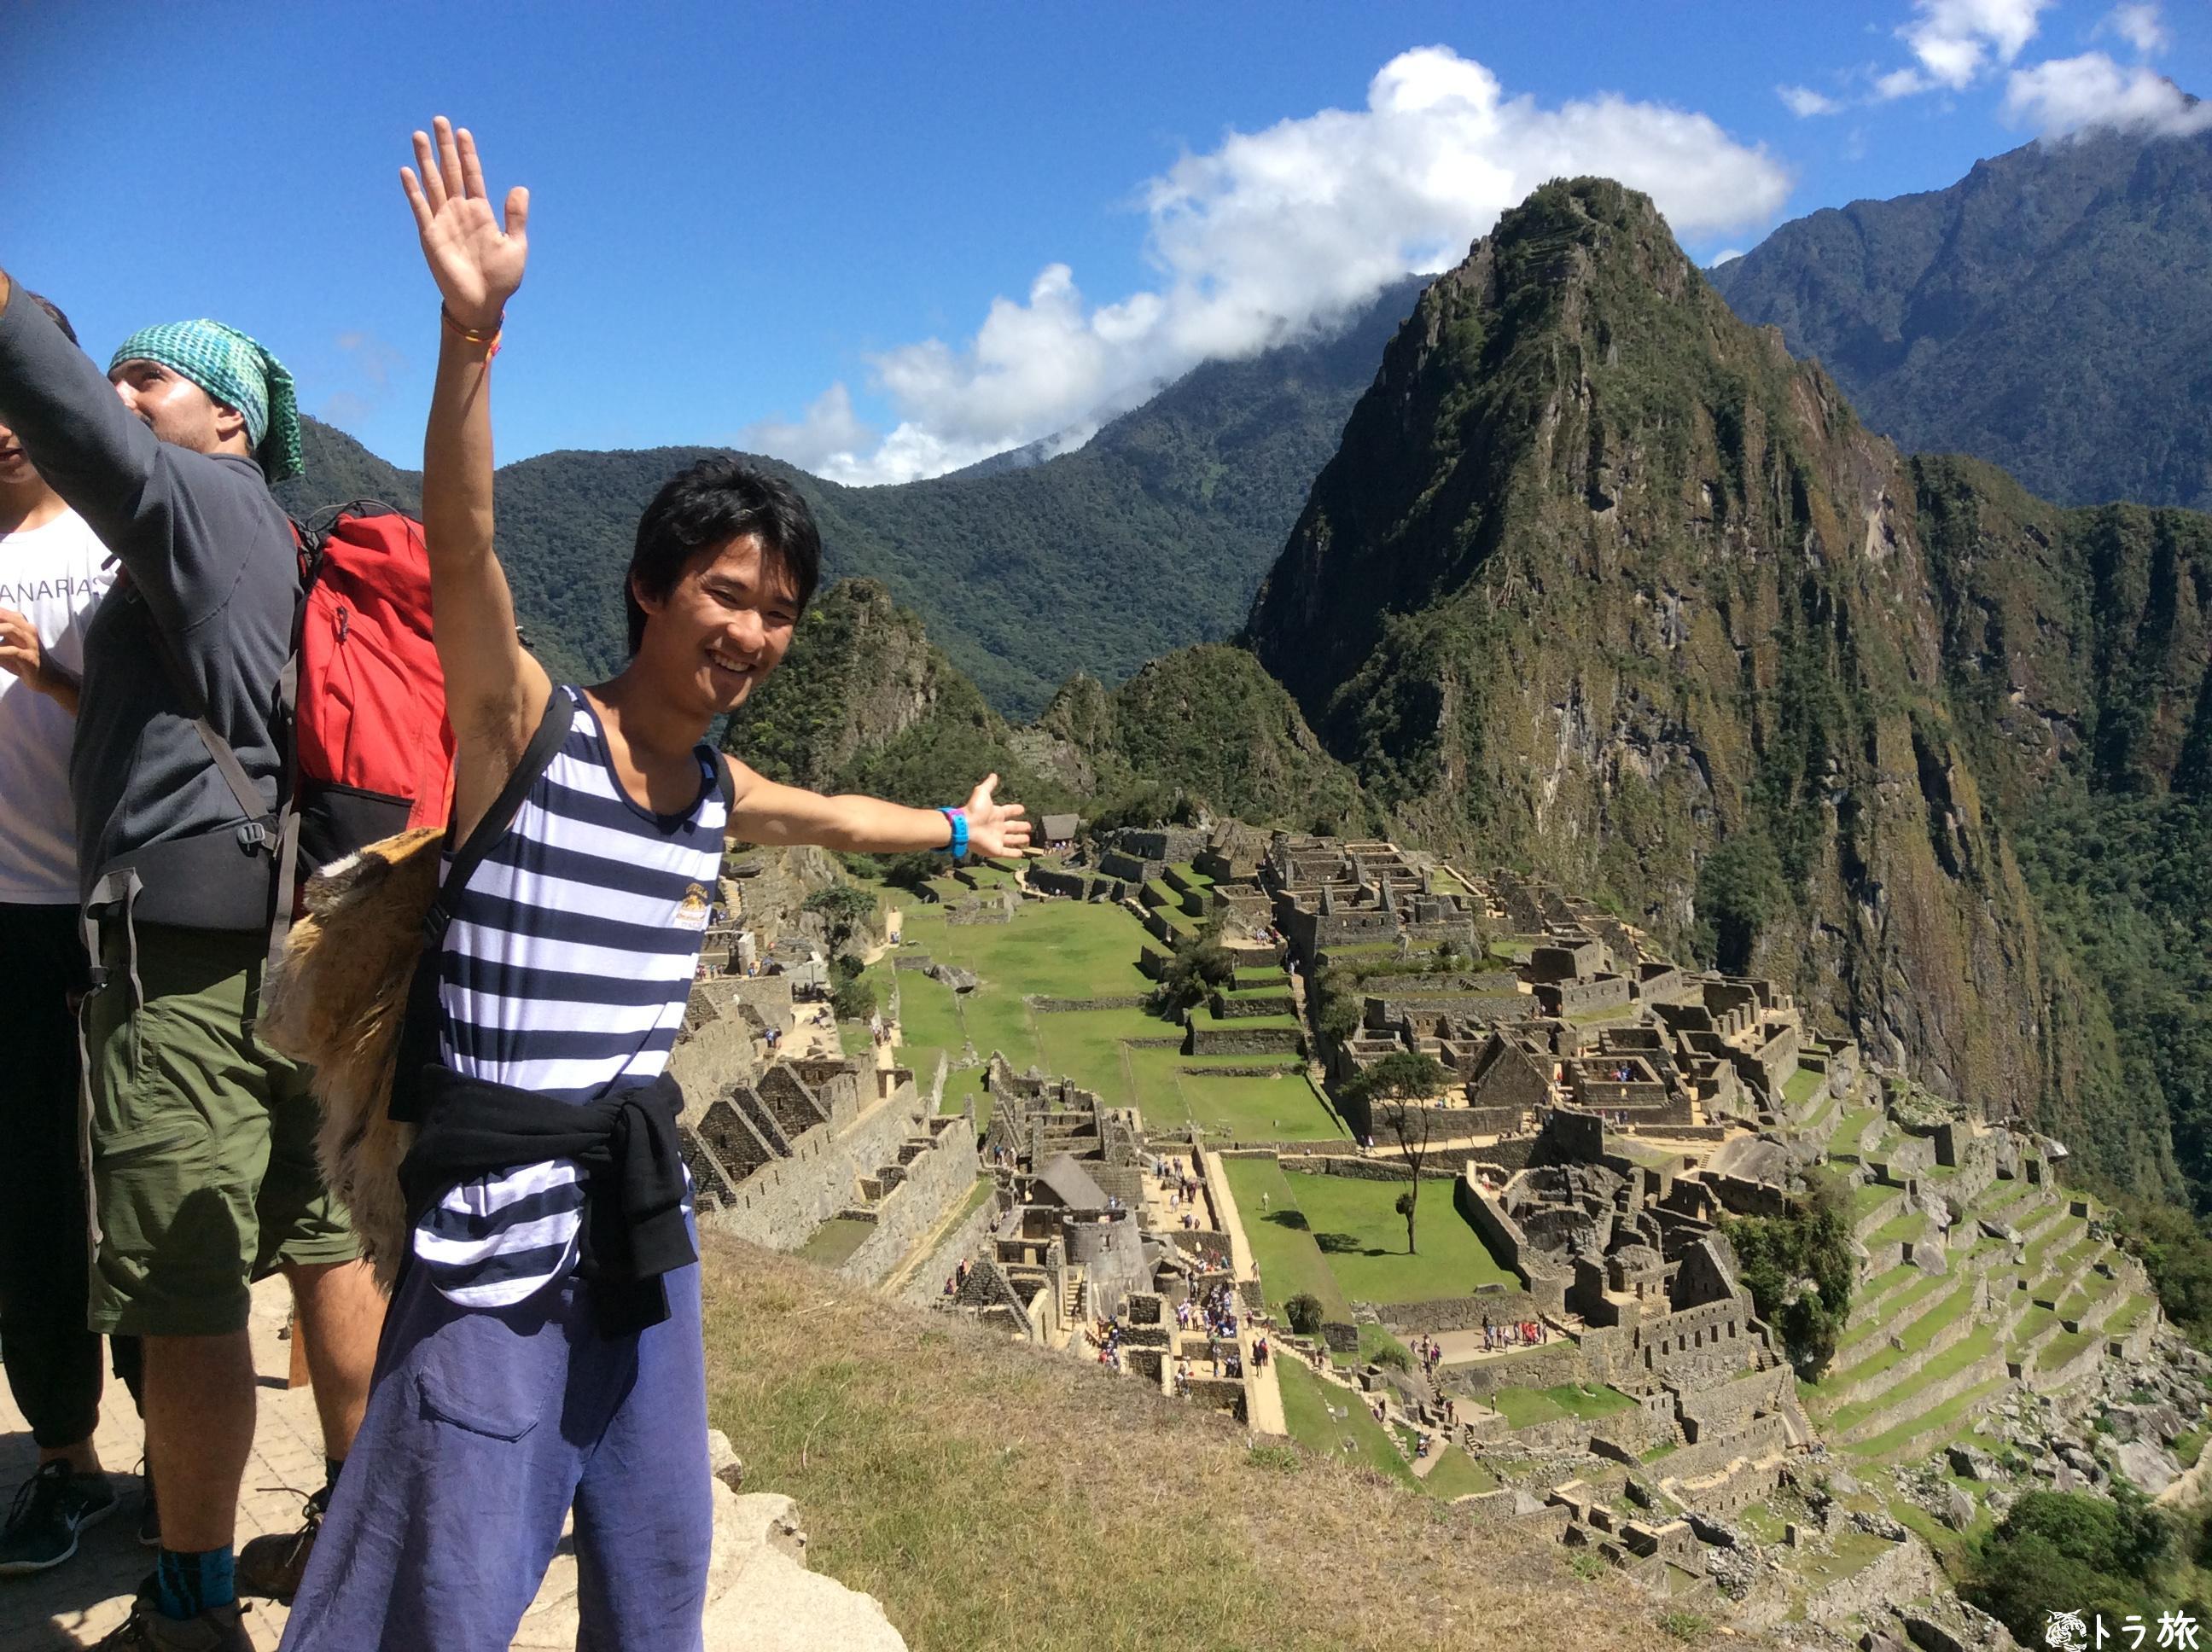 【マチュピチュ】インカ遺跡に野生のアルパカが現れた!【ペルー】